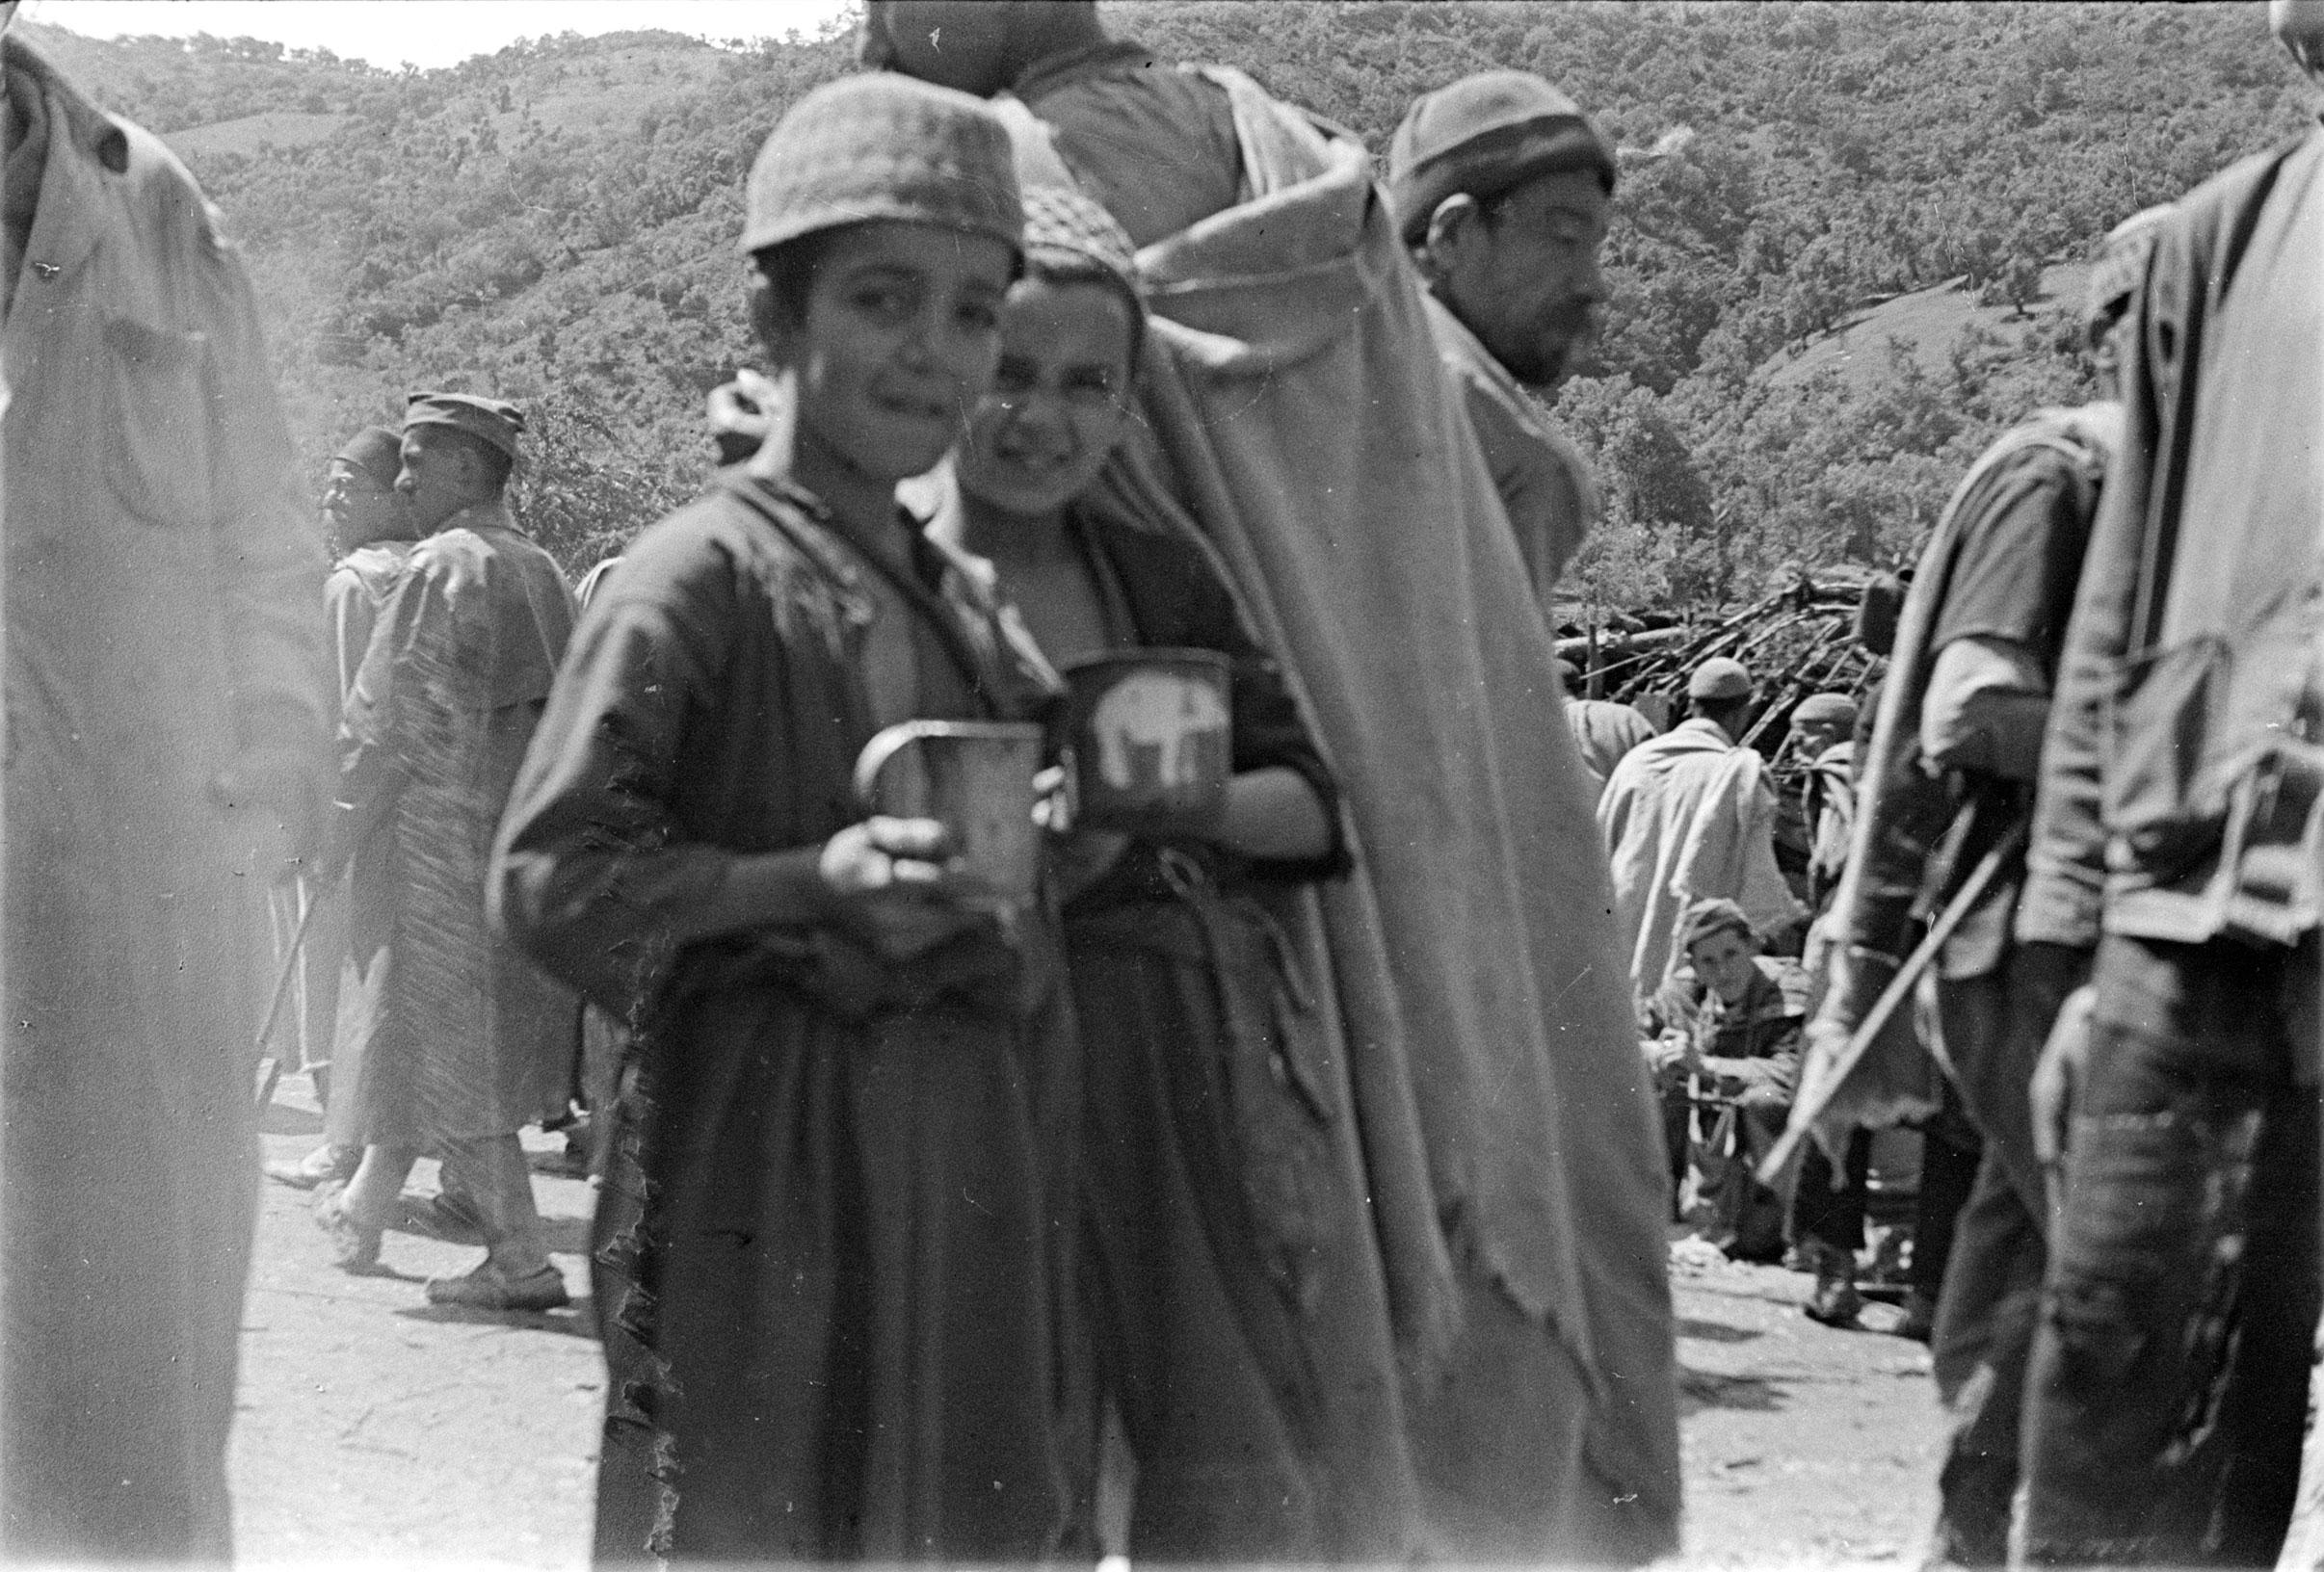 El viatge a Algèria pel reportatge de L'Humanité